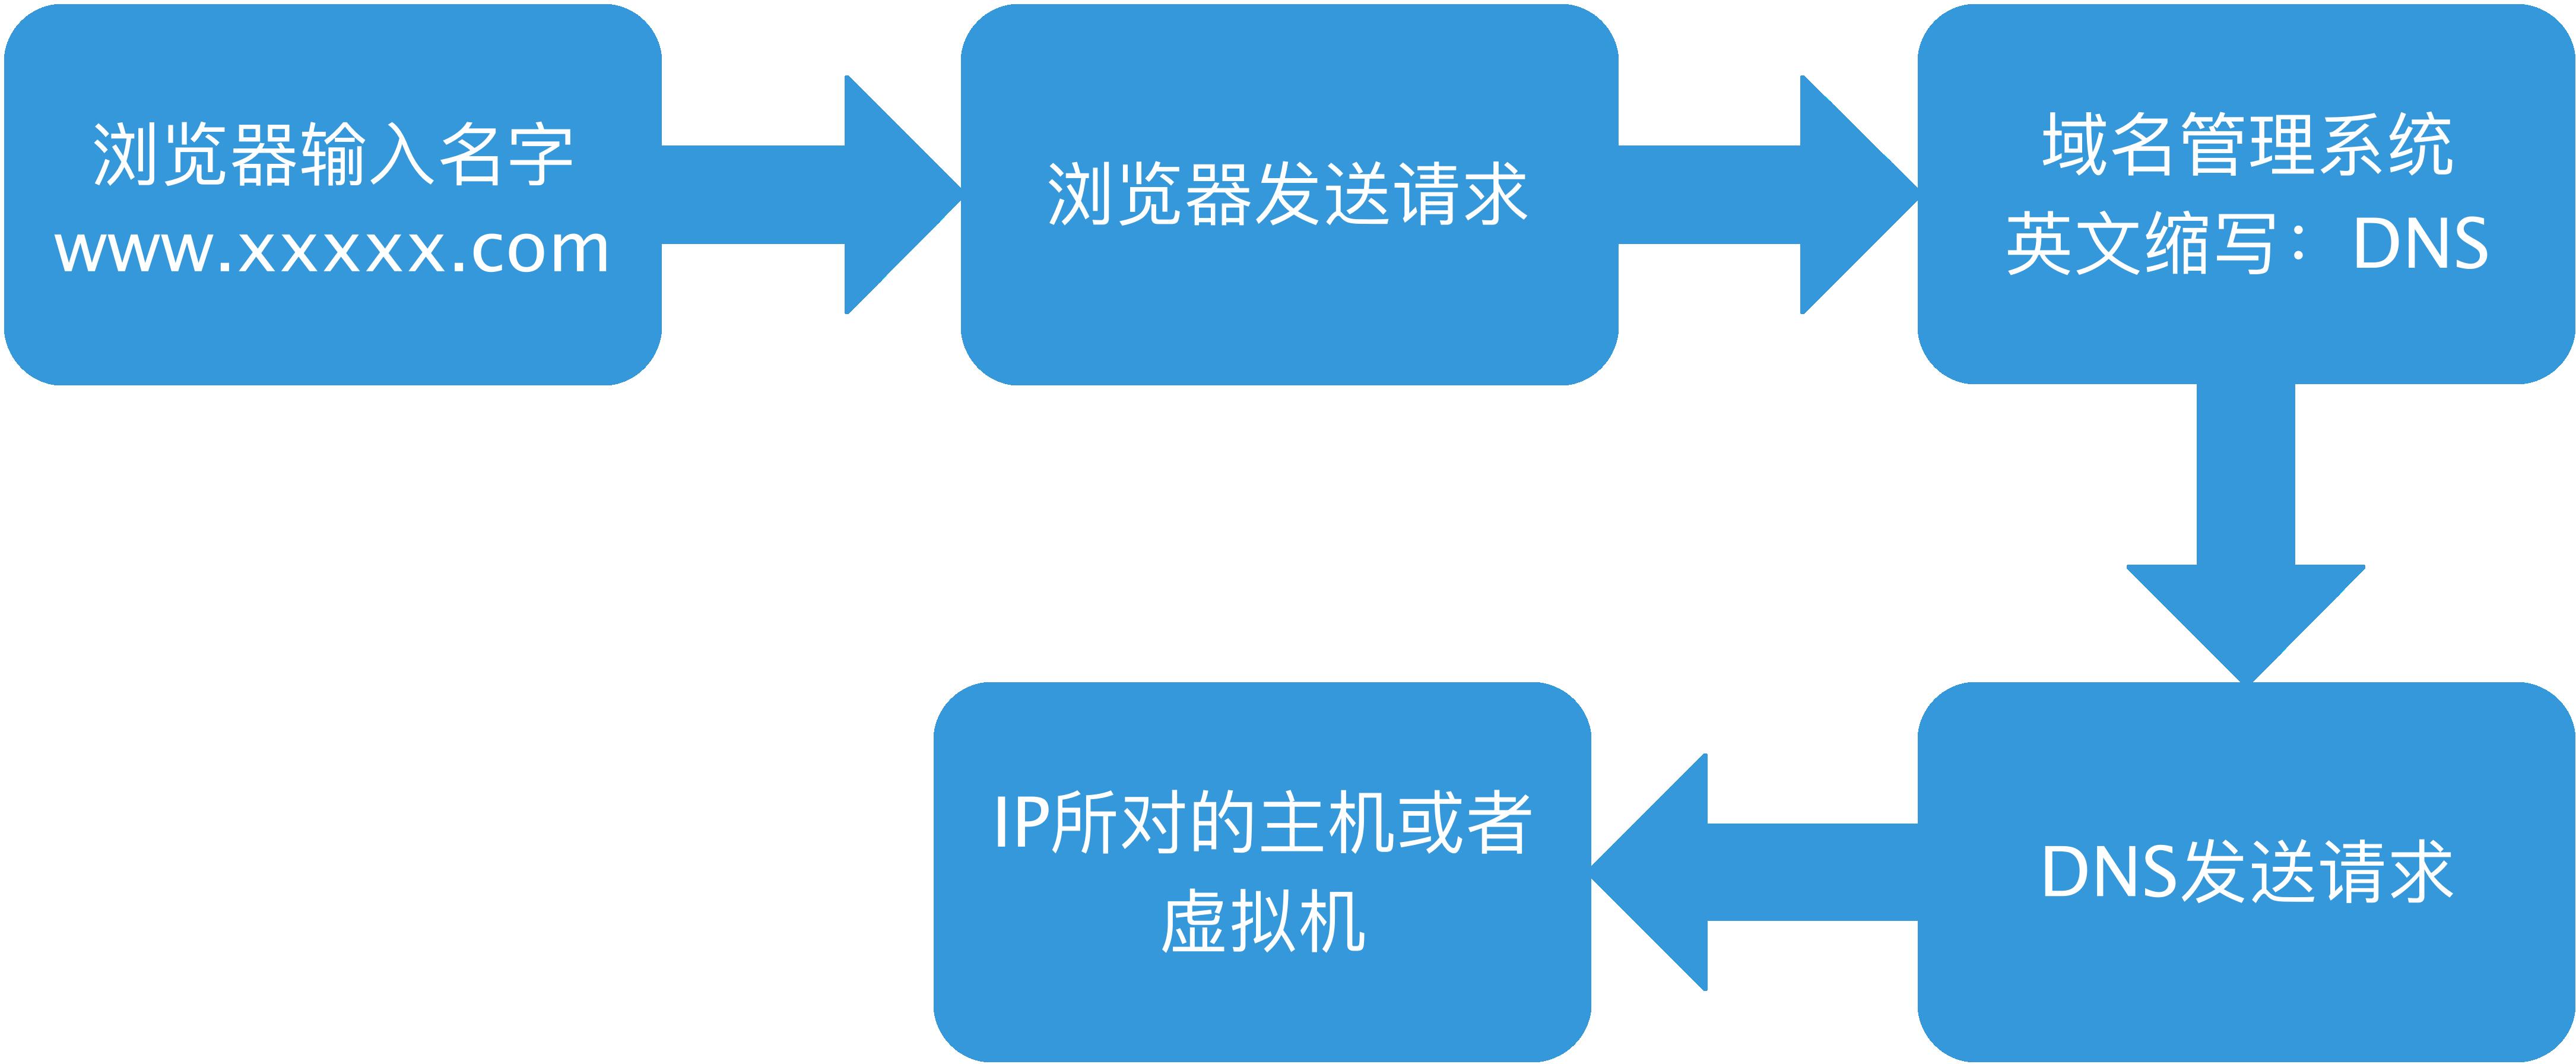 做SEO的三个要素(图1)